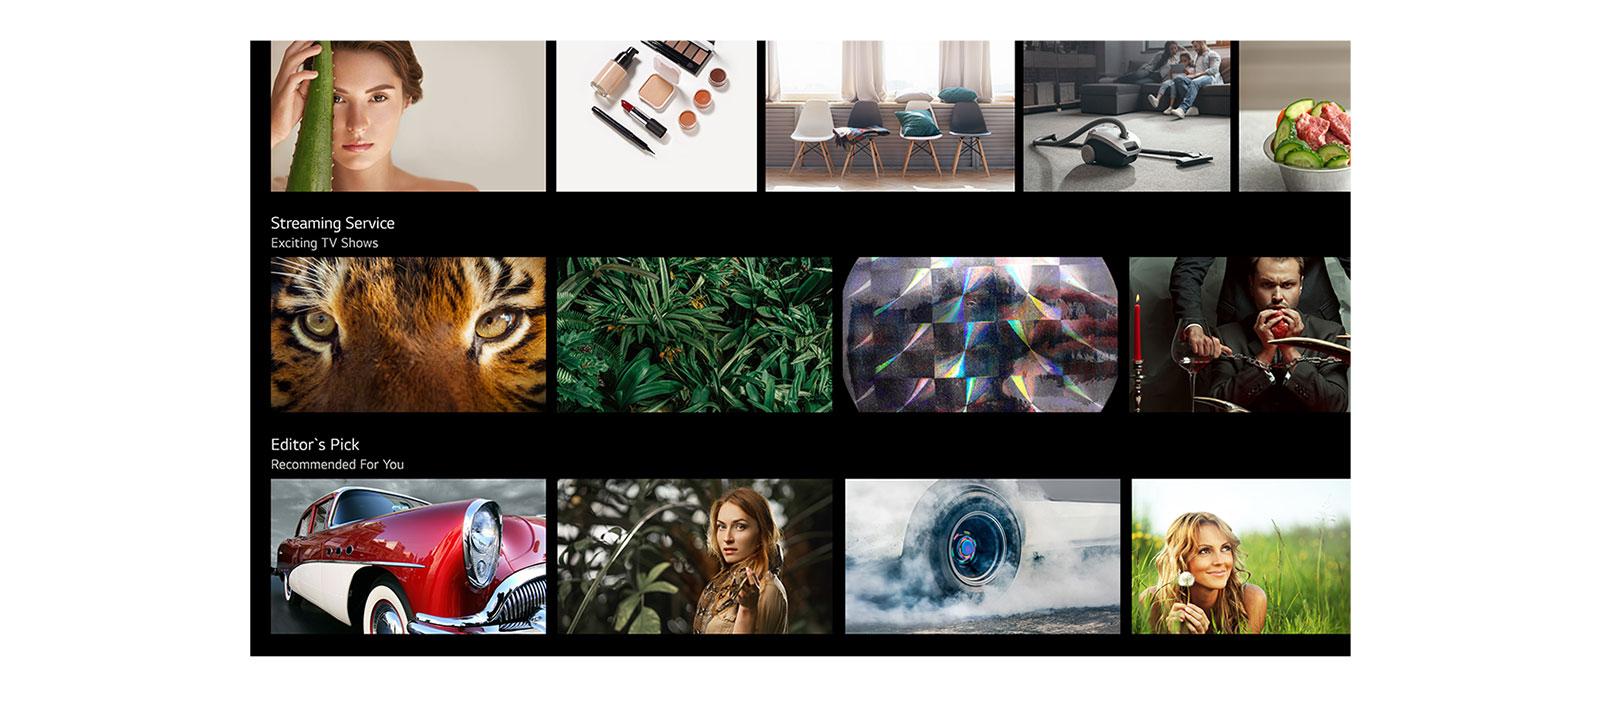 TV zaslonu koji prikazuje razne sadržaje koje je nabrojala i preporučila aplikacija LG ThinQ AI (reproduciraj videozapis).